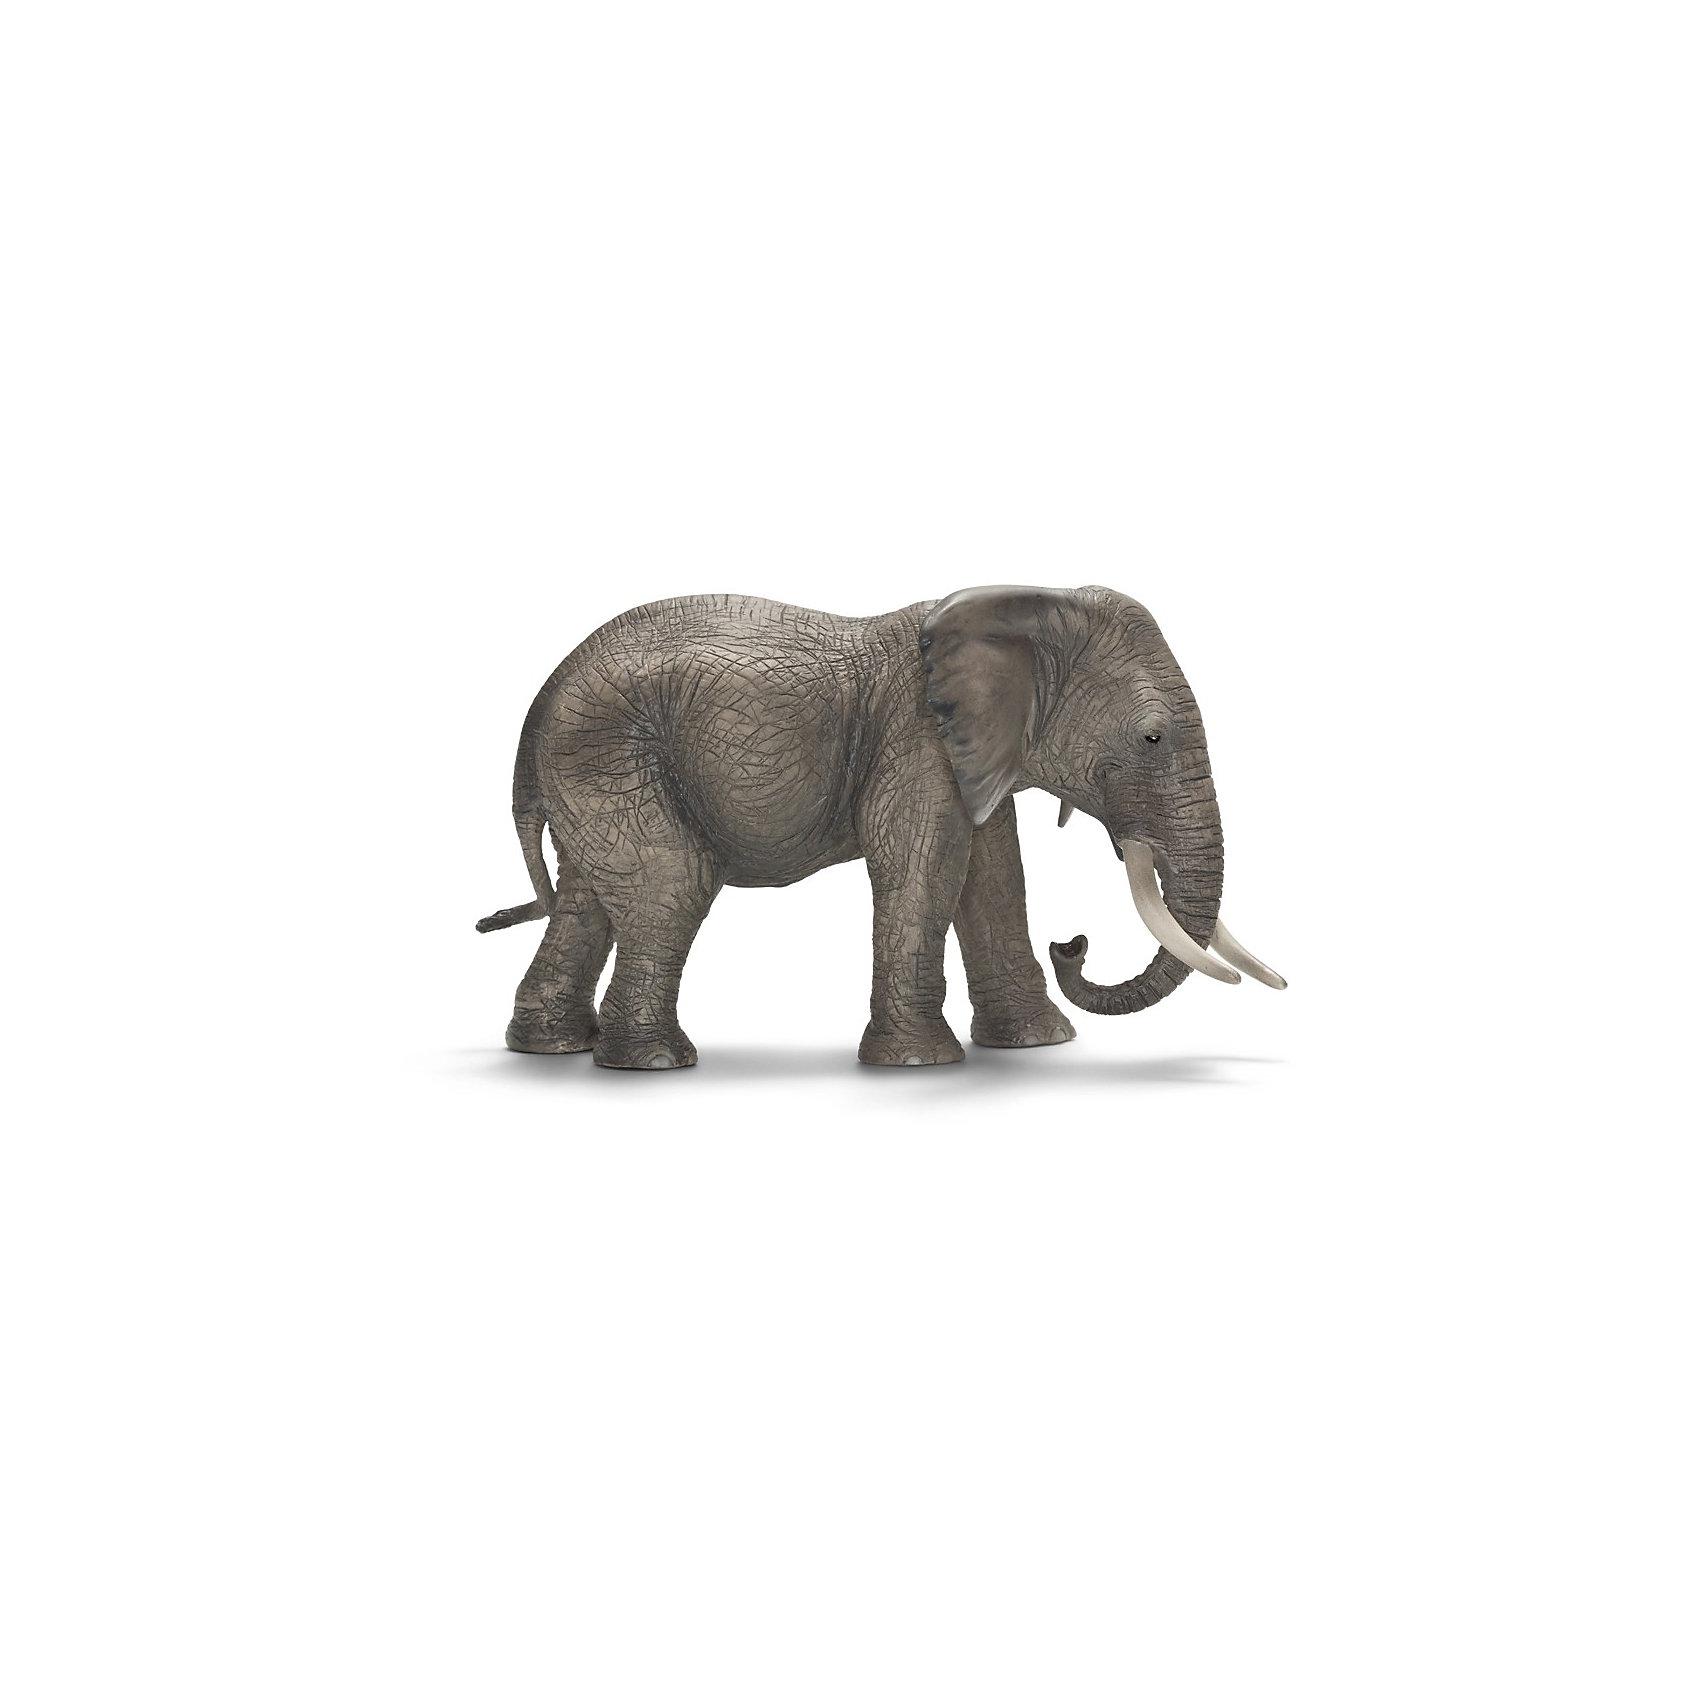 Schleich Африканский слон: самка, Schleich дизайн форма и хаос